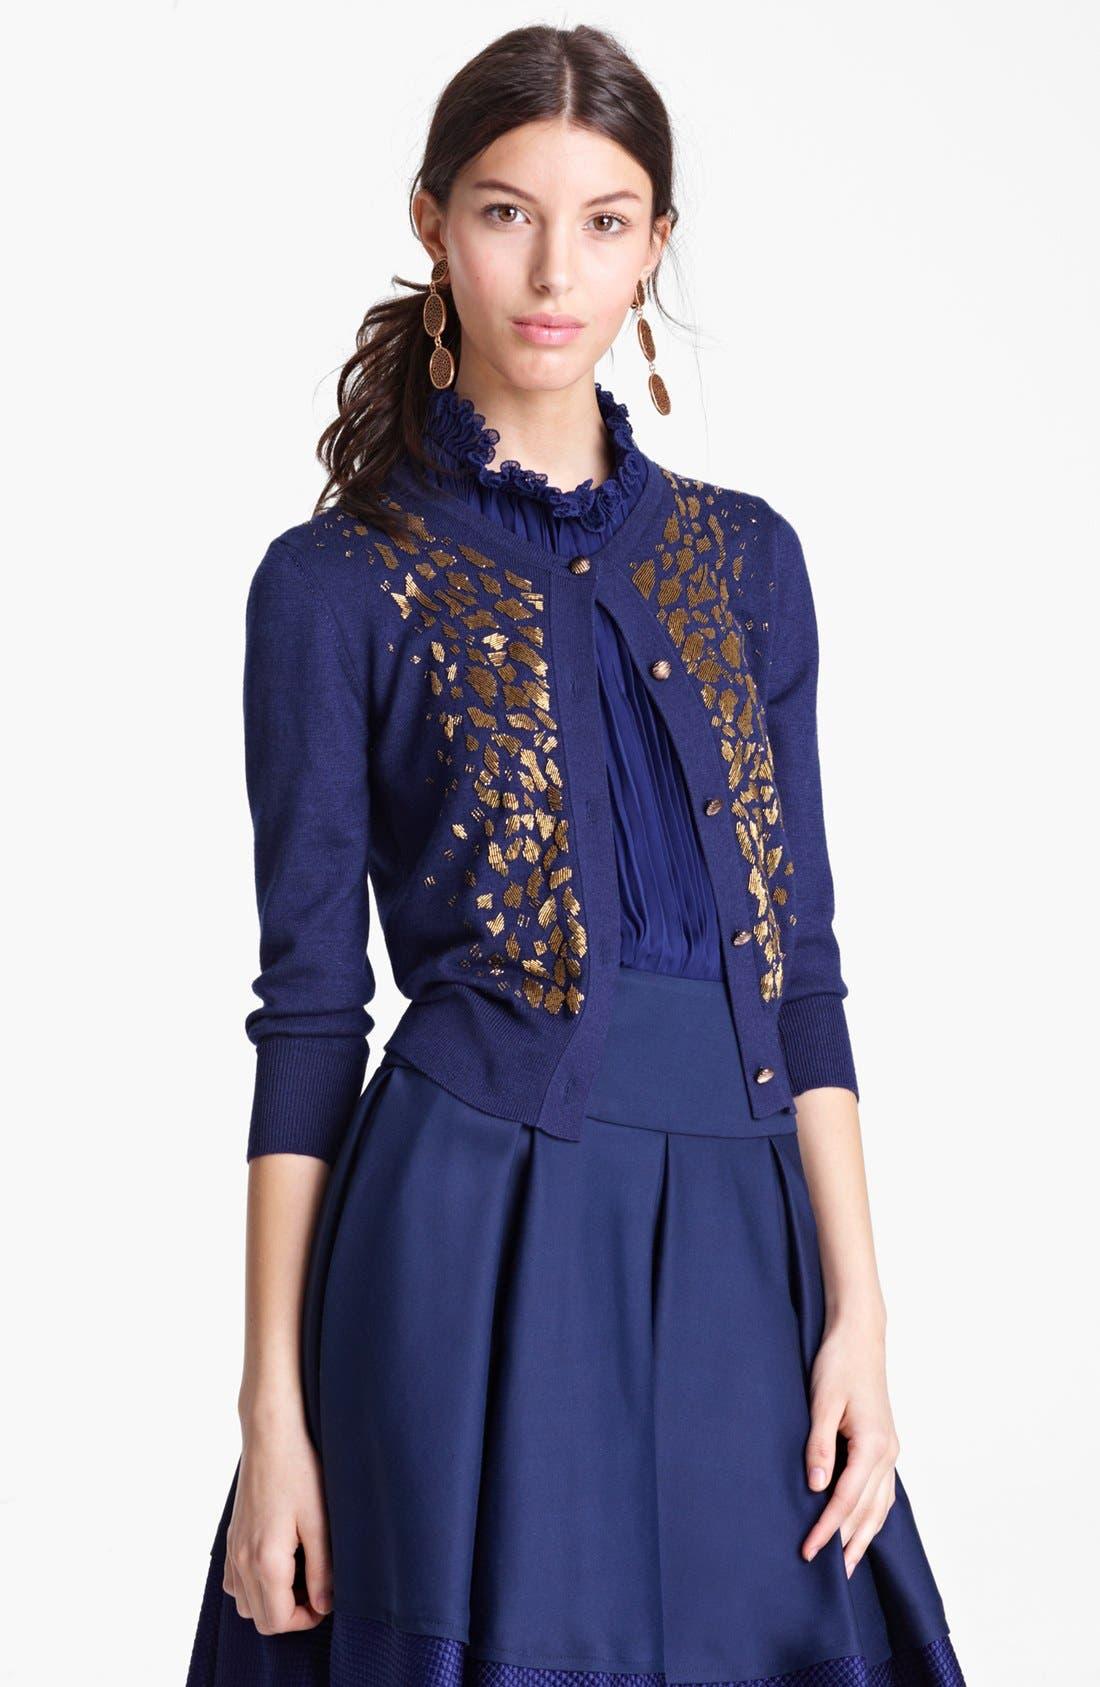 Alternate Image 1 Selected - Oscar de la Renta Embroidered Cashmere & Silk Cardigan